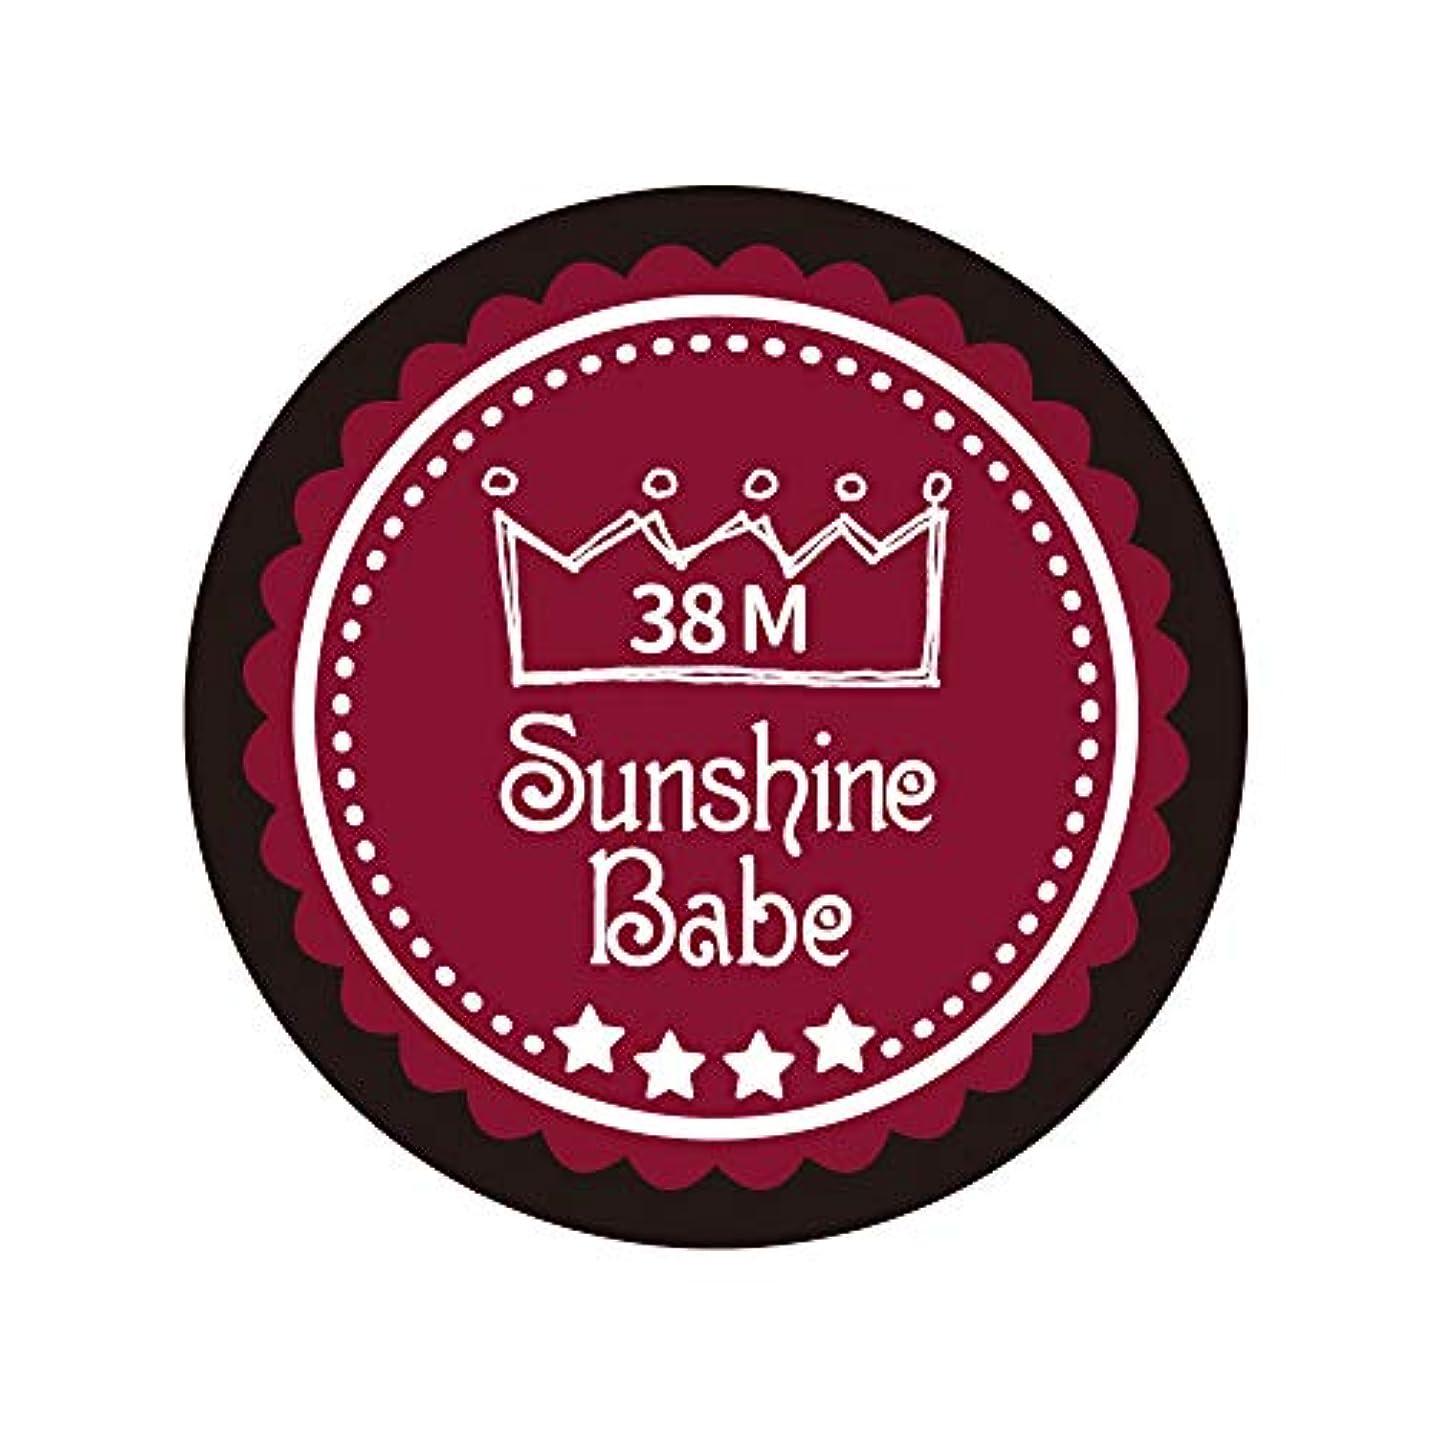 主観的純粋なケーブルSunshine Babe カラージェル 38M レッドペア 2.7g UV/LED対応